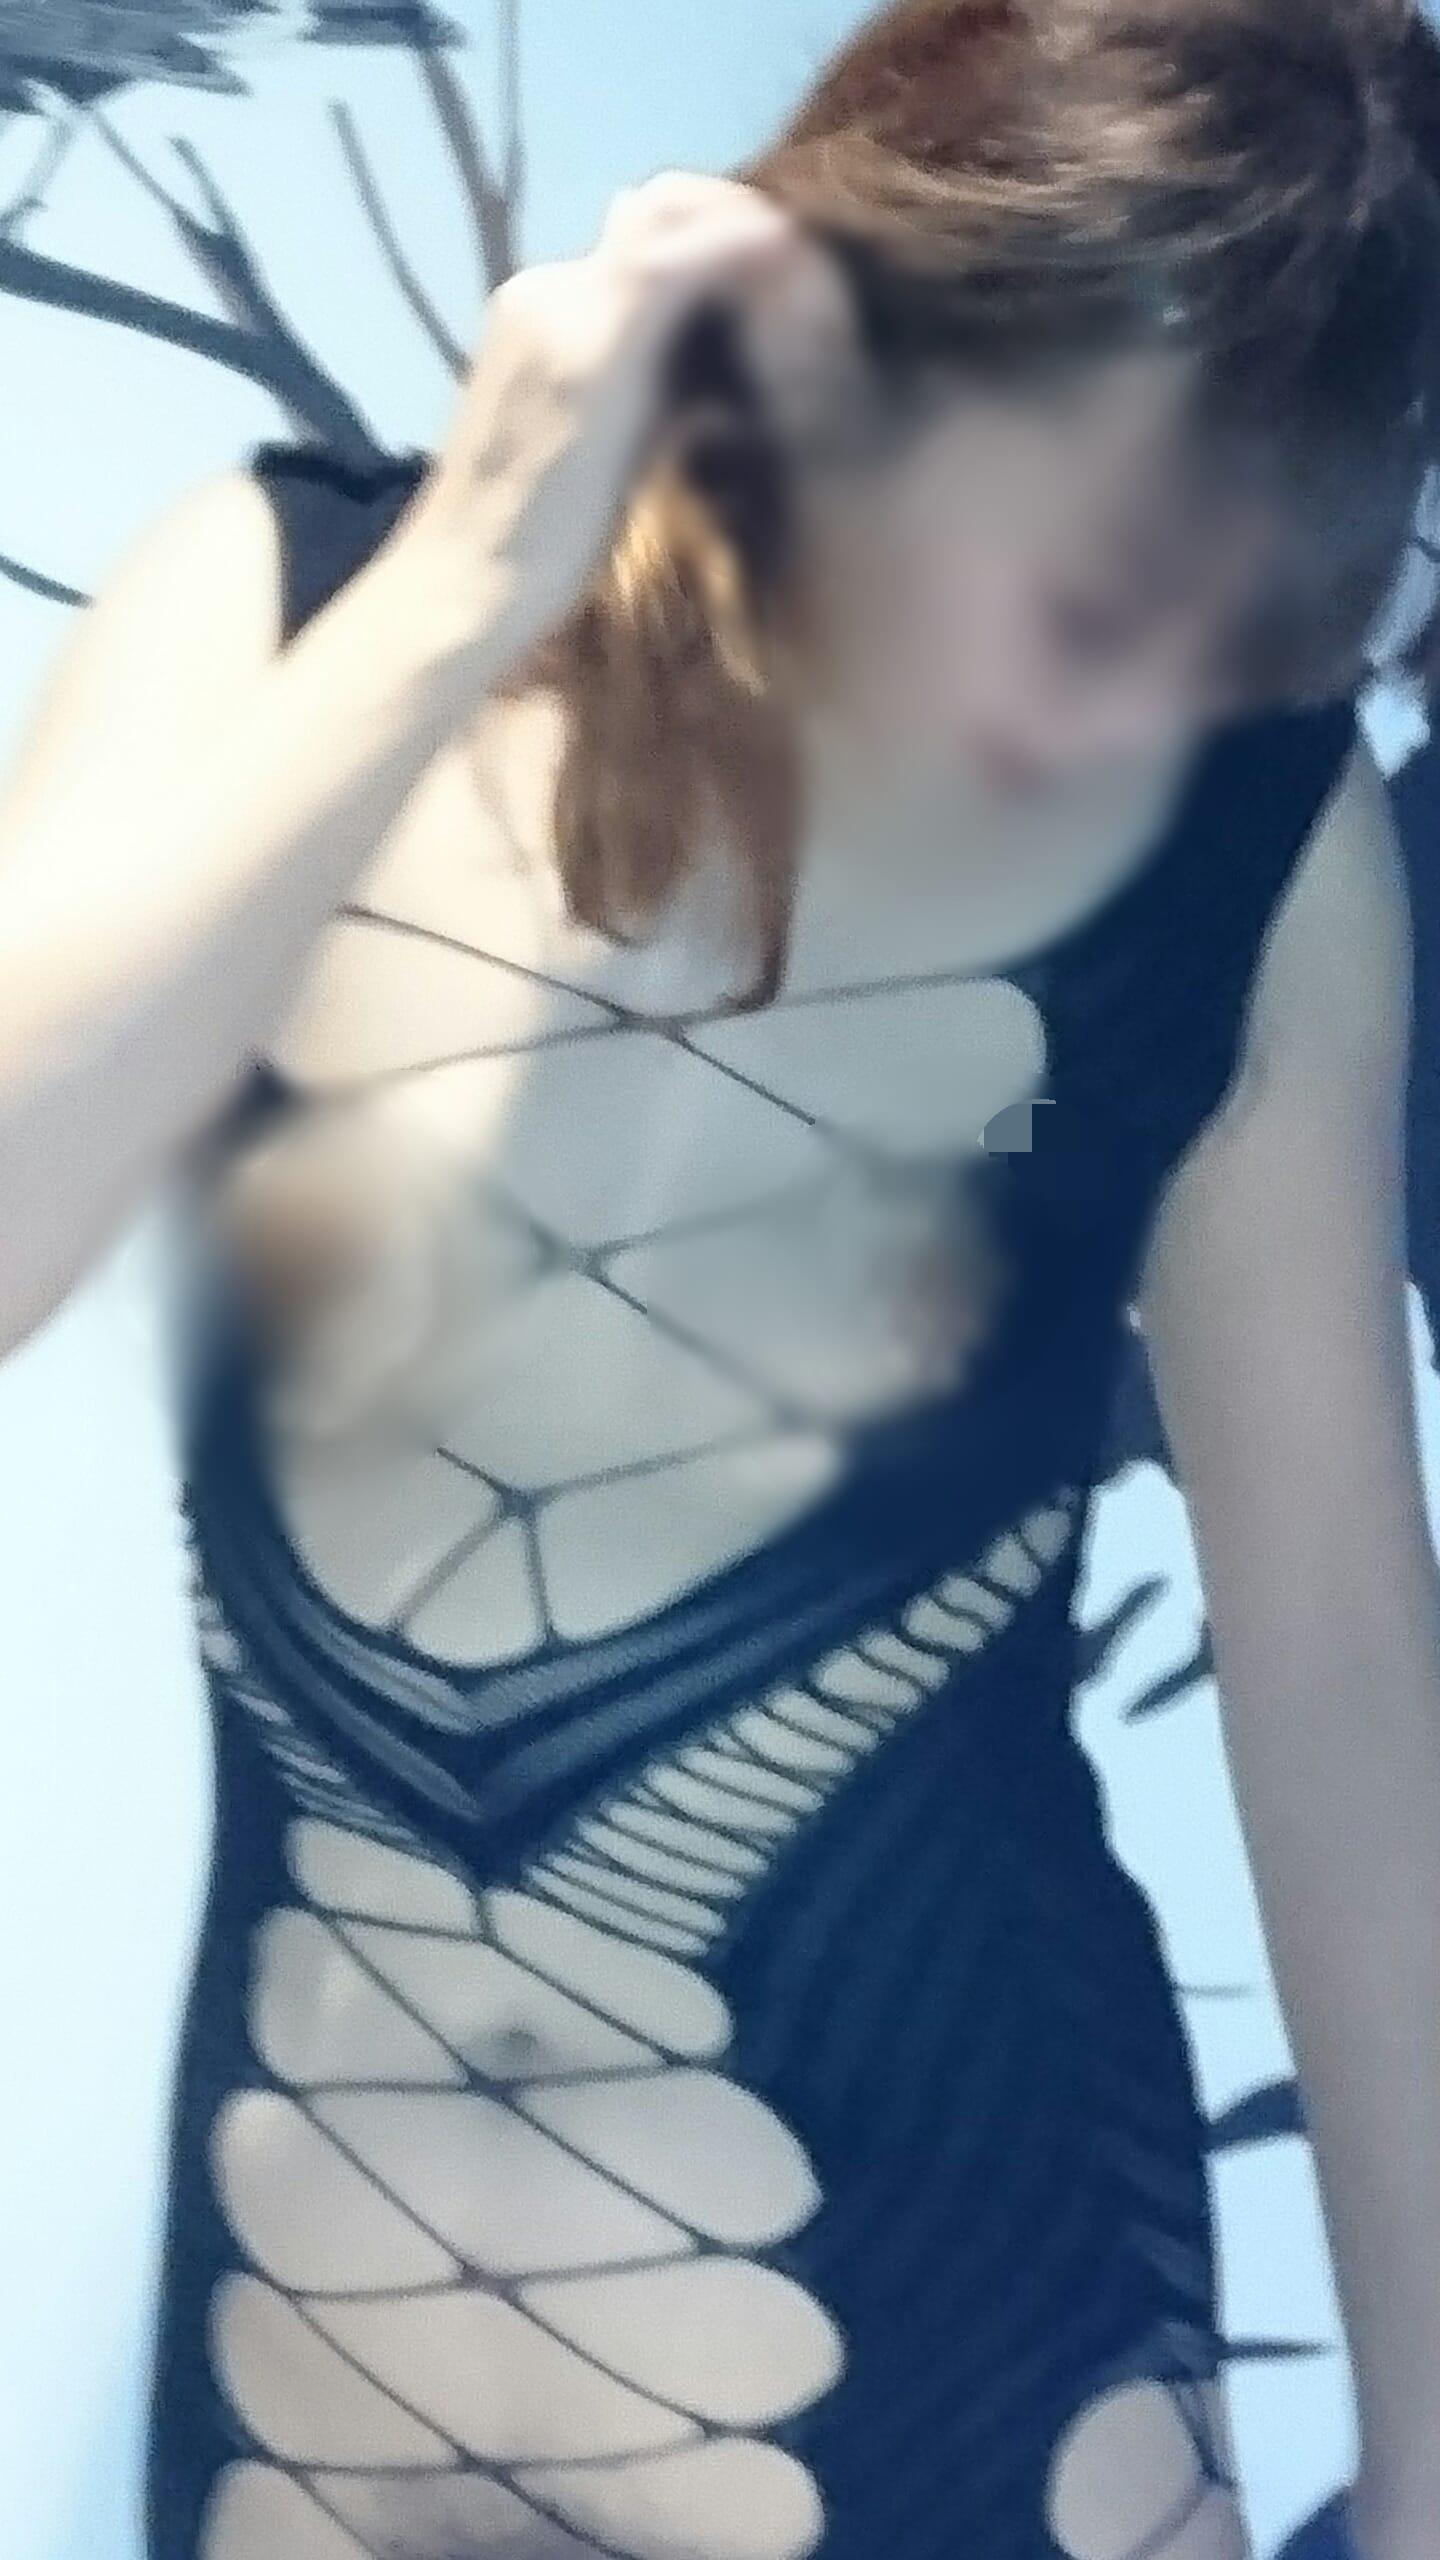 「こんばんは」11/28(水) 21:24 | しずかの写メ・風俗動画